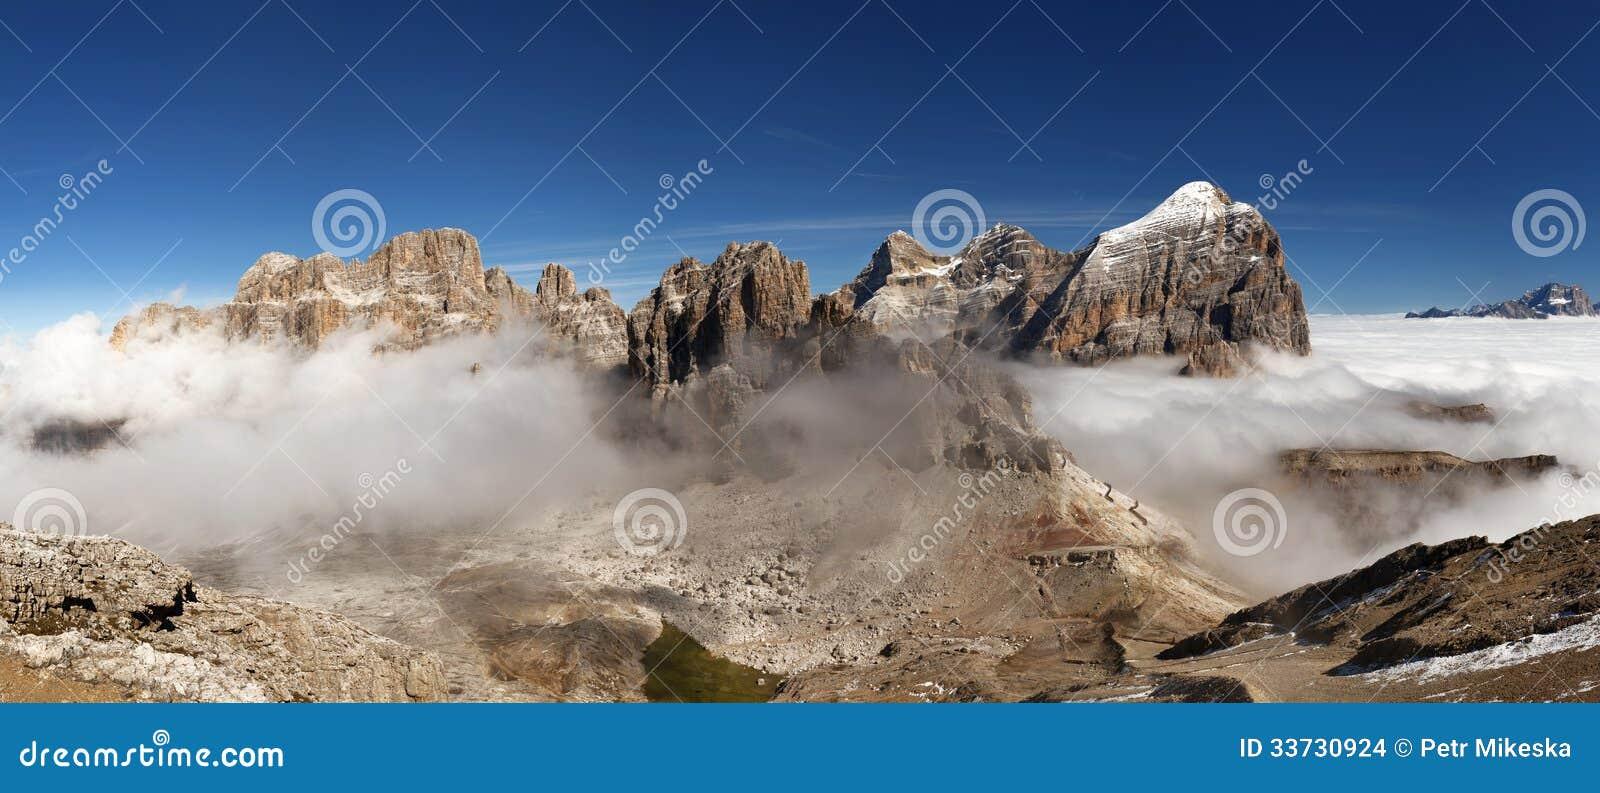 Panoramautsikt av italienare Dolomities - grupp Tofana